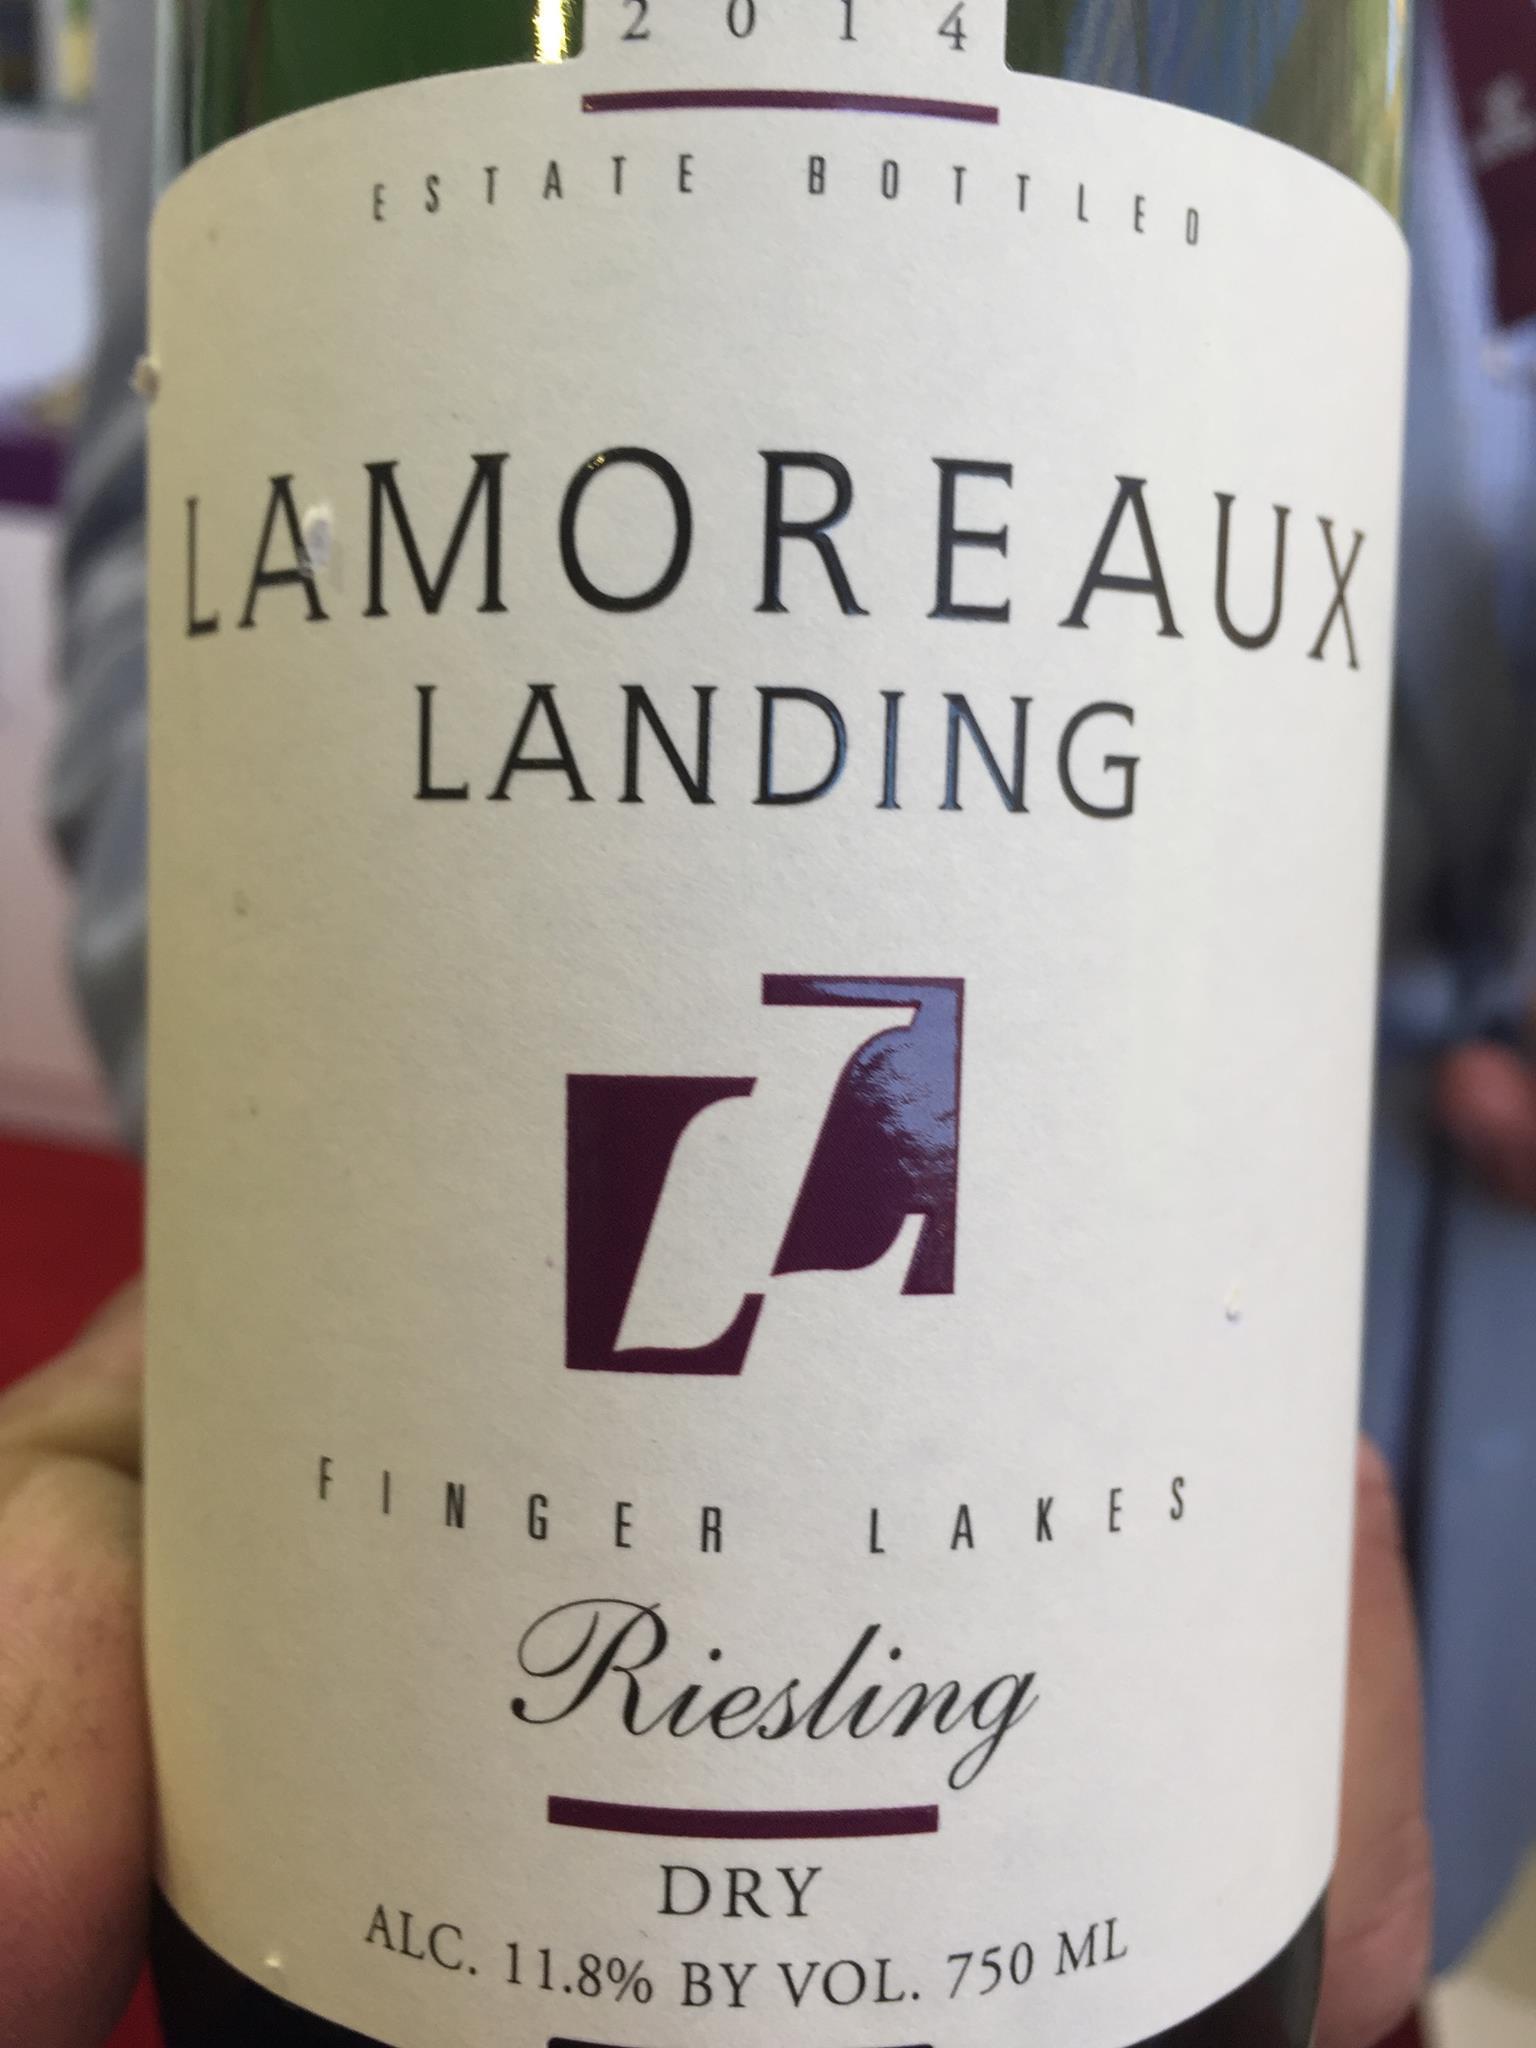 Lamoreaux Landing – Riesling 2014 – Finger Lakes